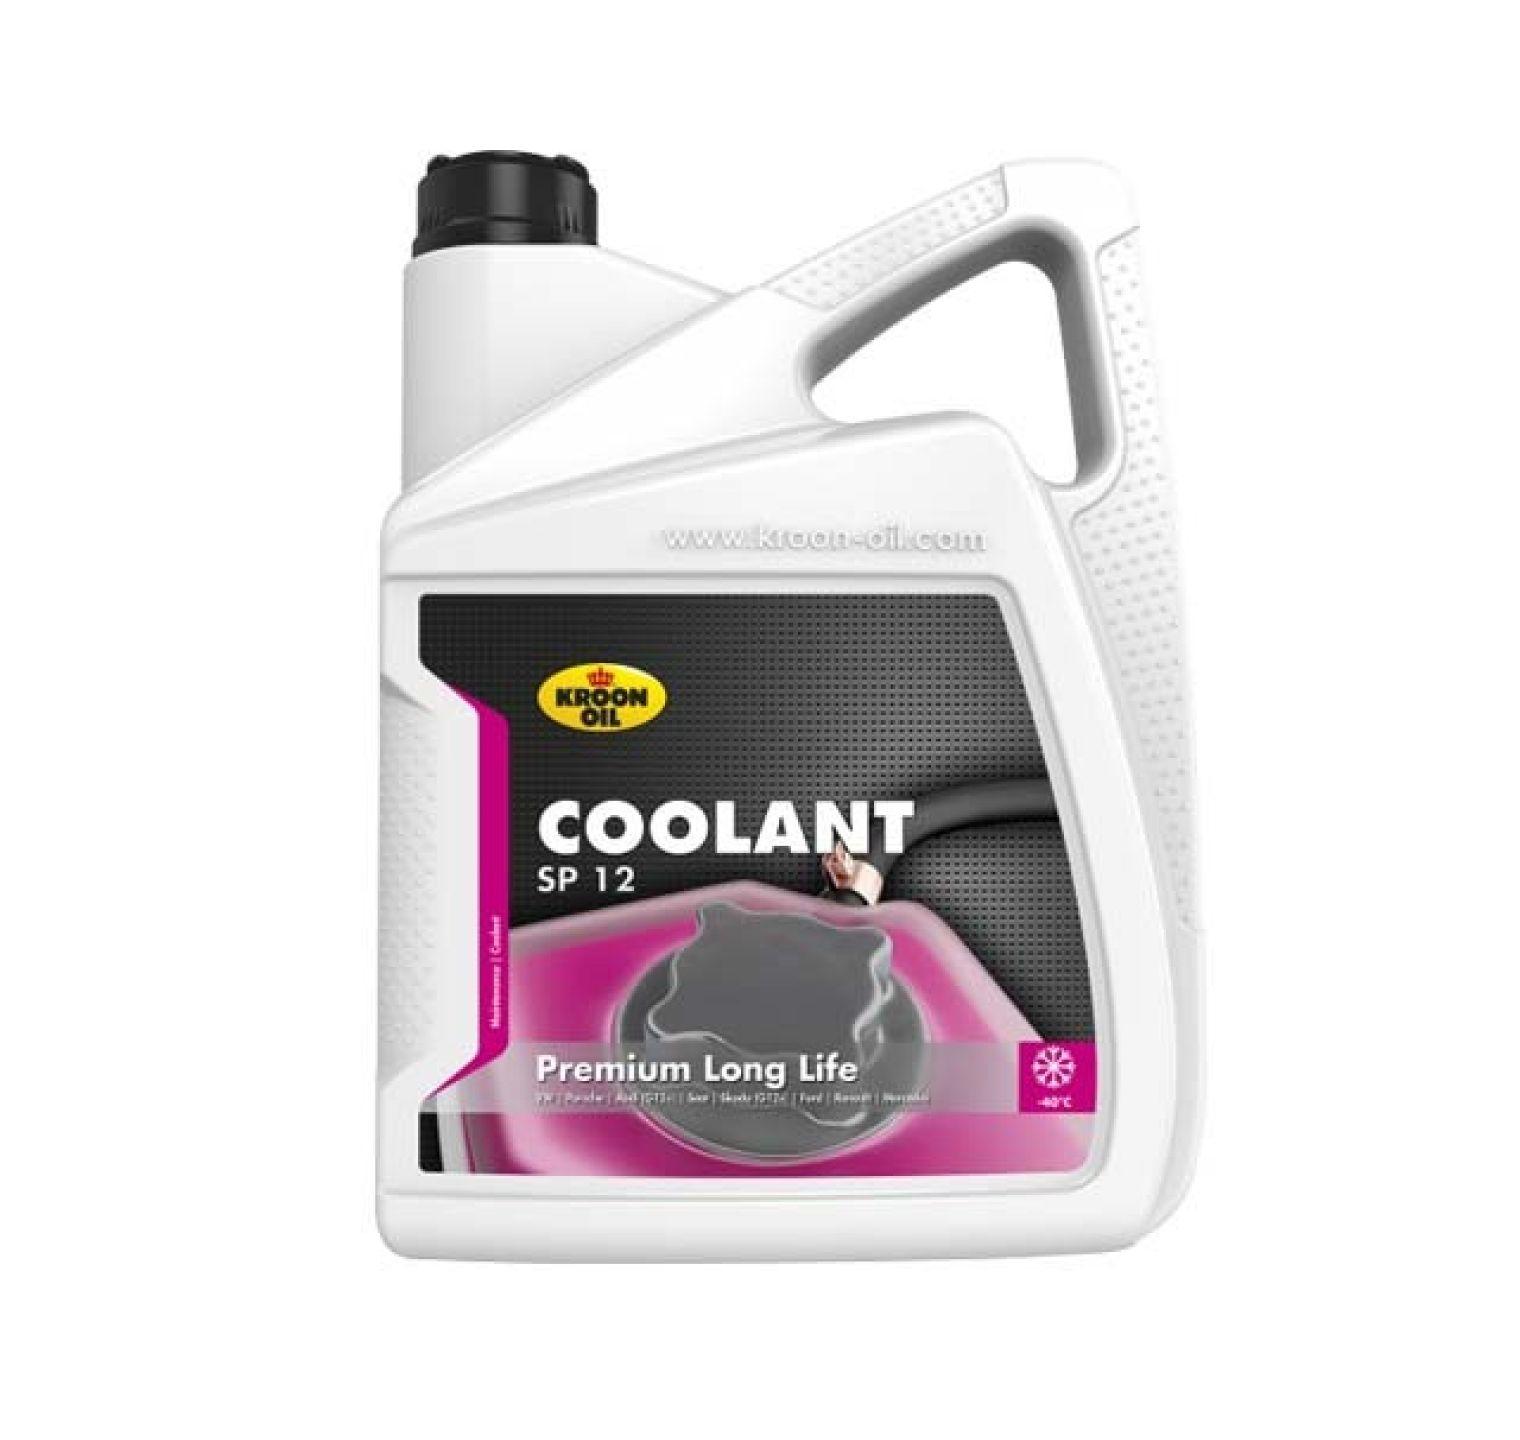 Kroon Oil Coolant Sp 12 5l